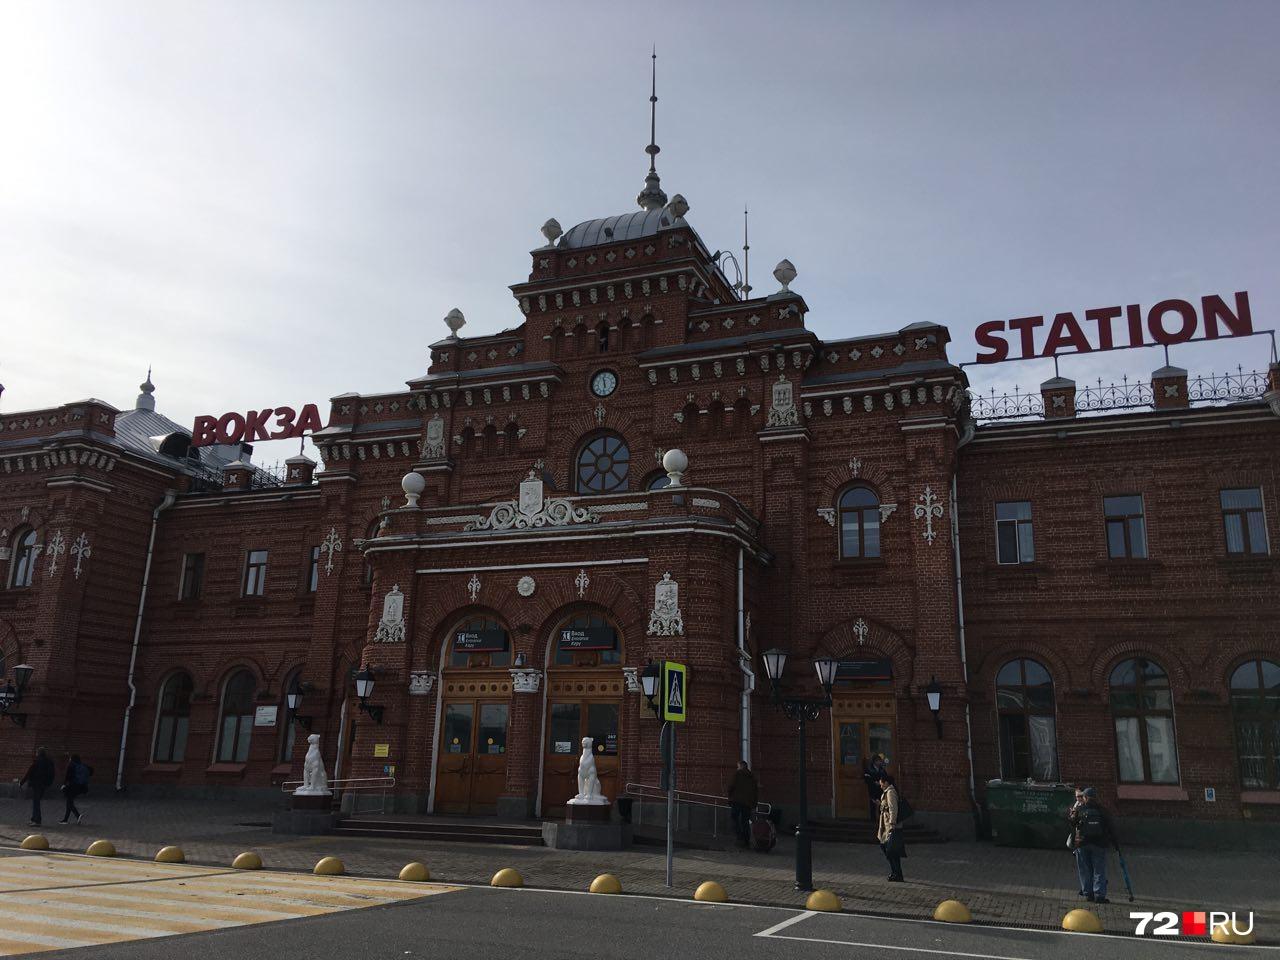 Старый вокзал Казани. Сразу понимаешь, что попал в город с историей